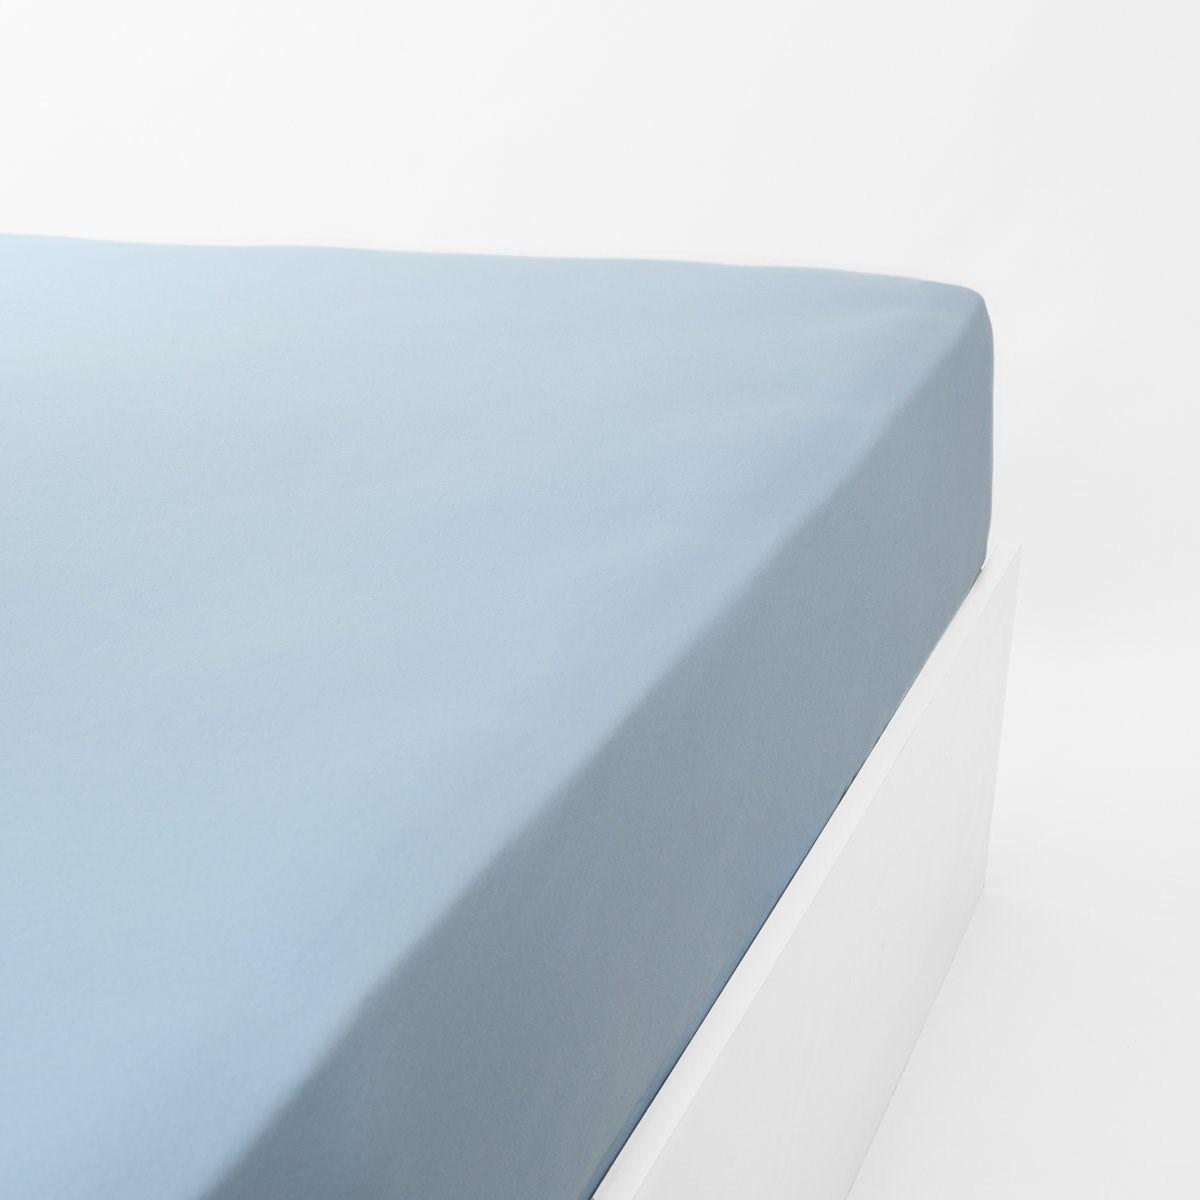 Drap housse jersey extensible en coton bleu clair 160x200 cm